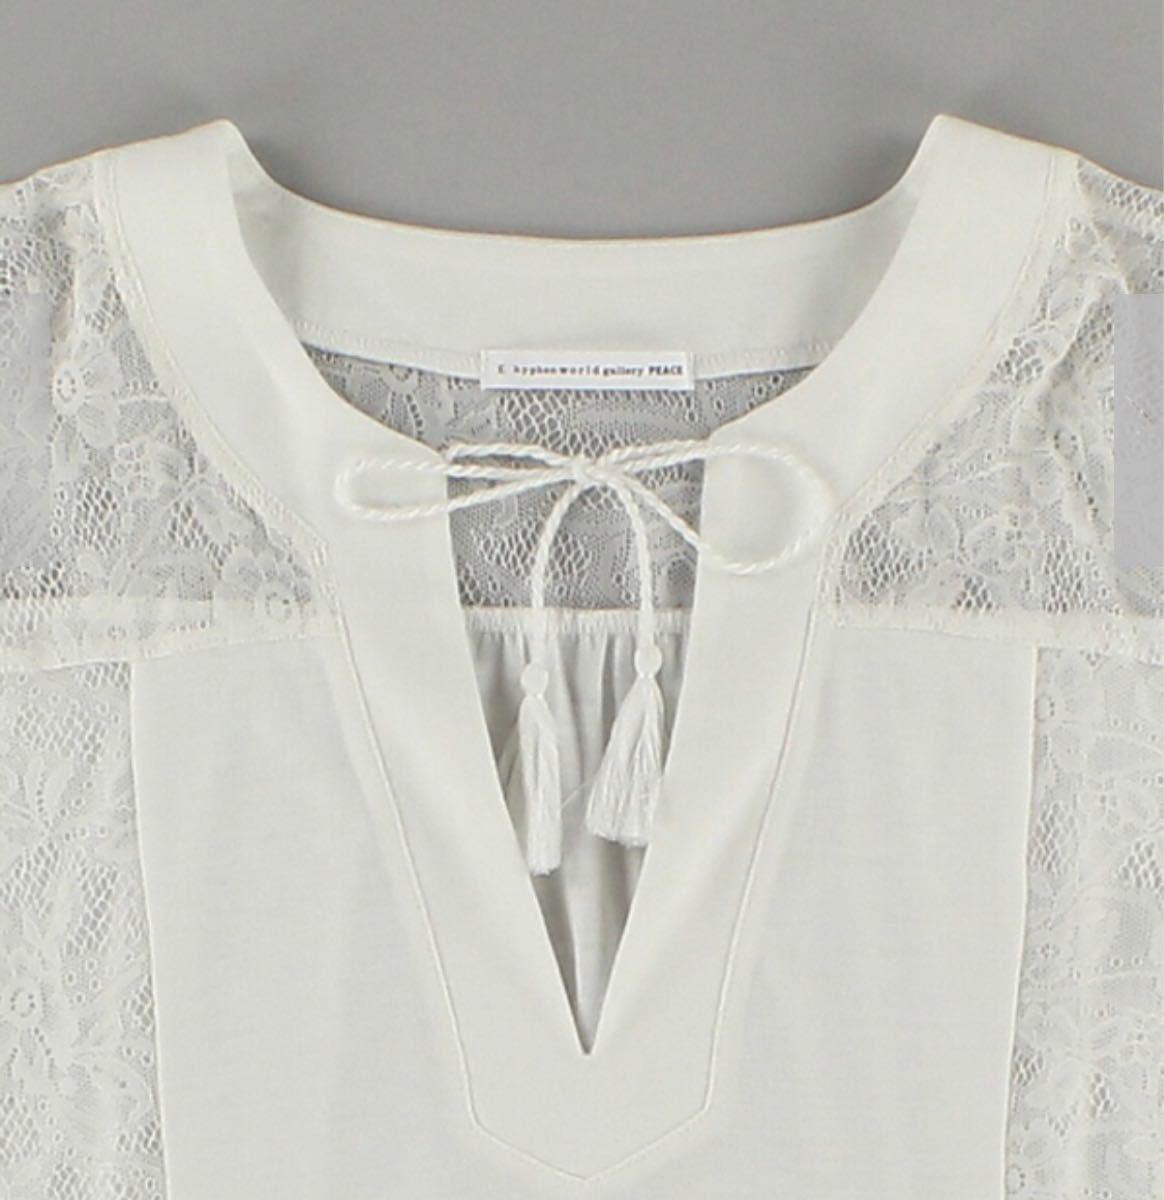 新品イーハイフン 2点 まとめ売りトップス 半袖 Tシャツ カットソー 白